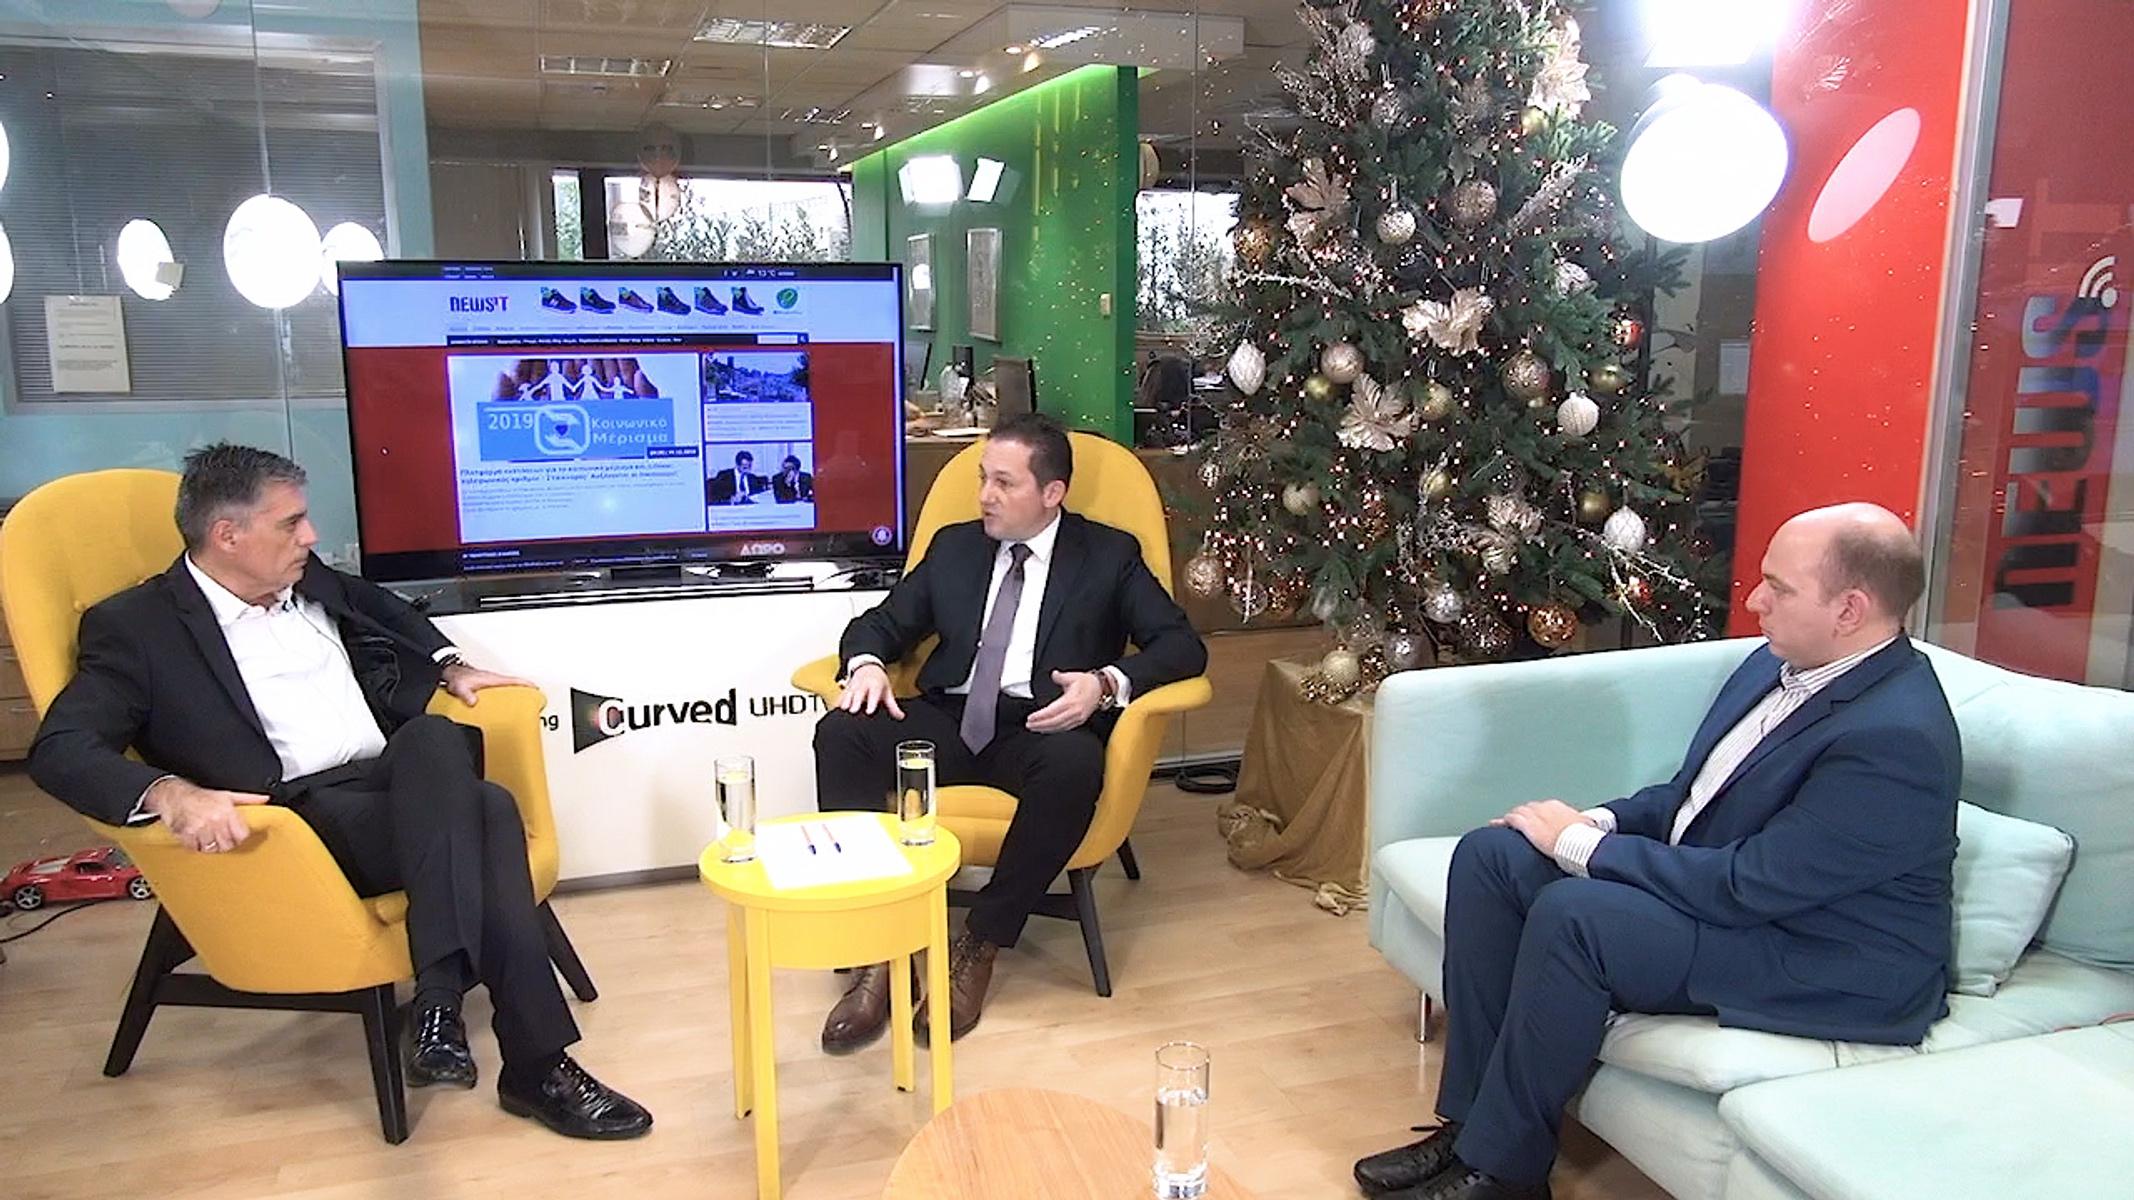 Πέτσας για κοινωνικό μέρισμα στο newsit.gr: Θα το πάρουν 300.000 νοικοκυριά!